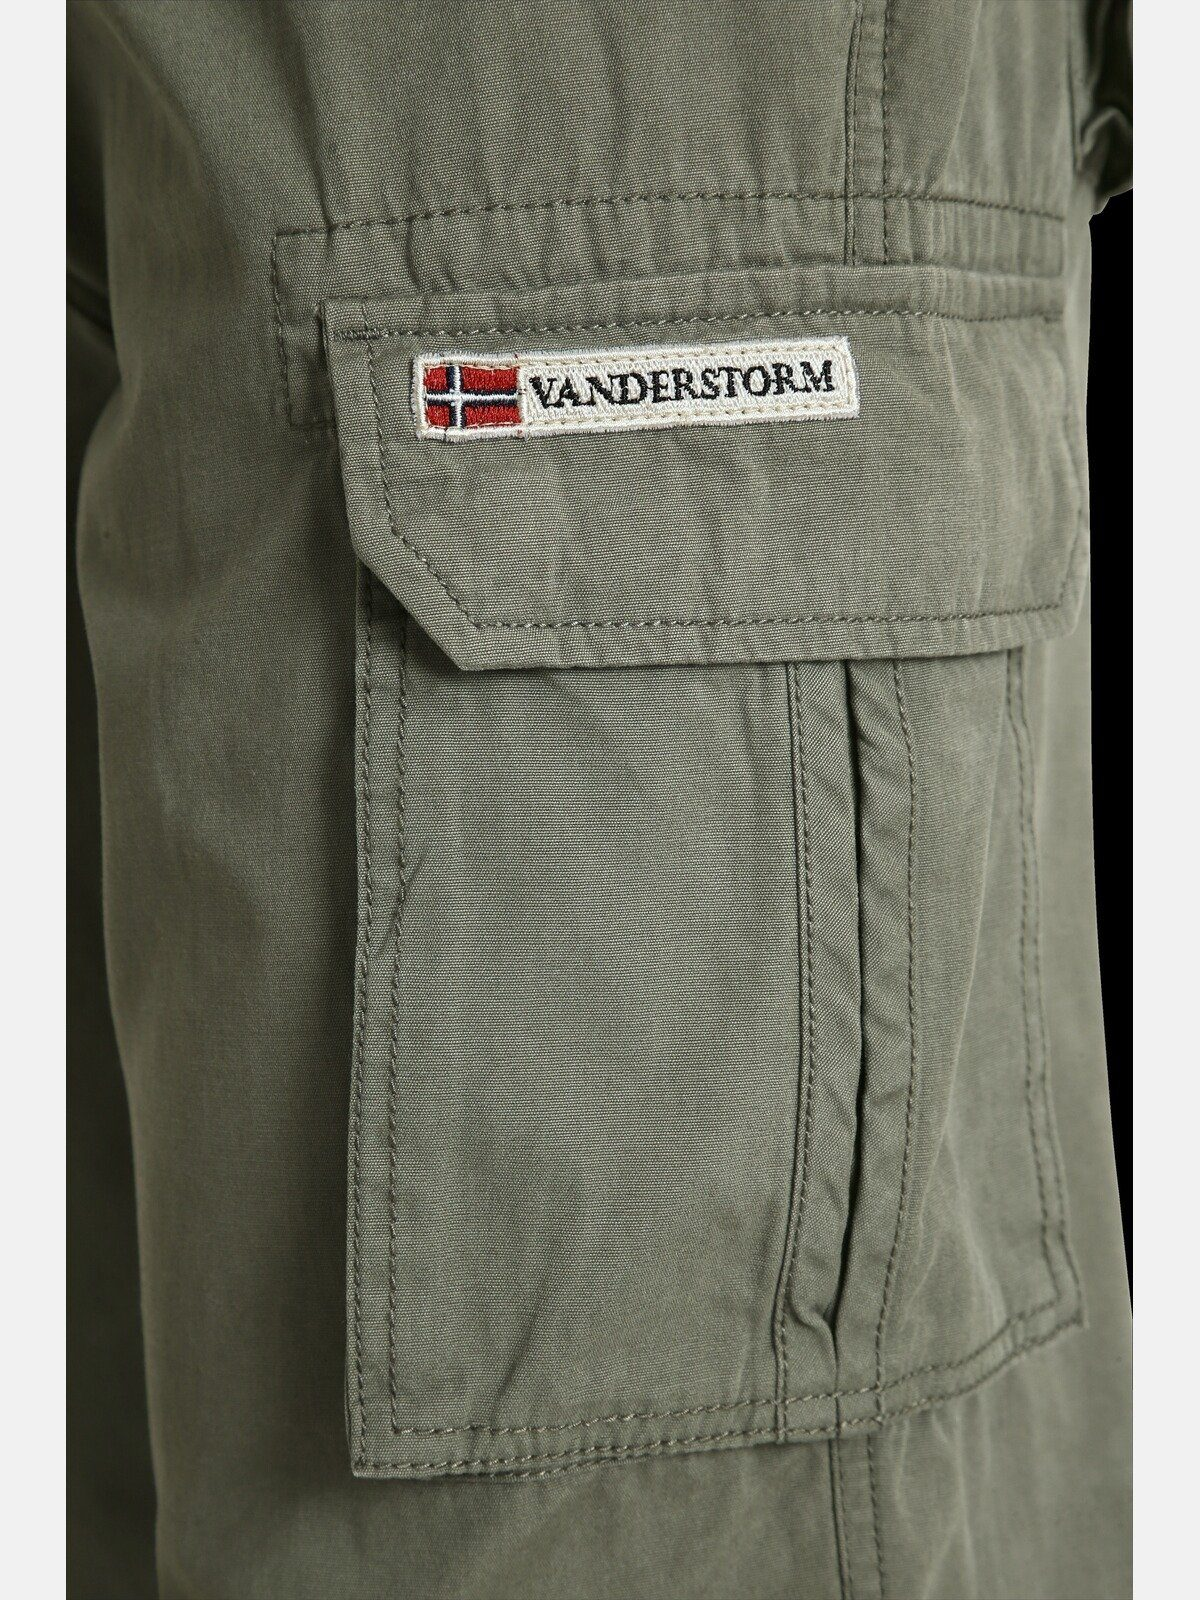 Jan Vanderstorm Kaufen Und Outdoor Online »steen« Ideal Freizeit Cargohose Für QCsrthd